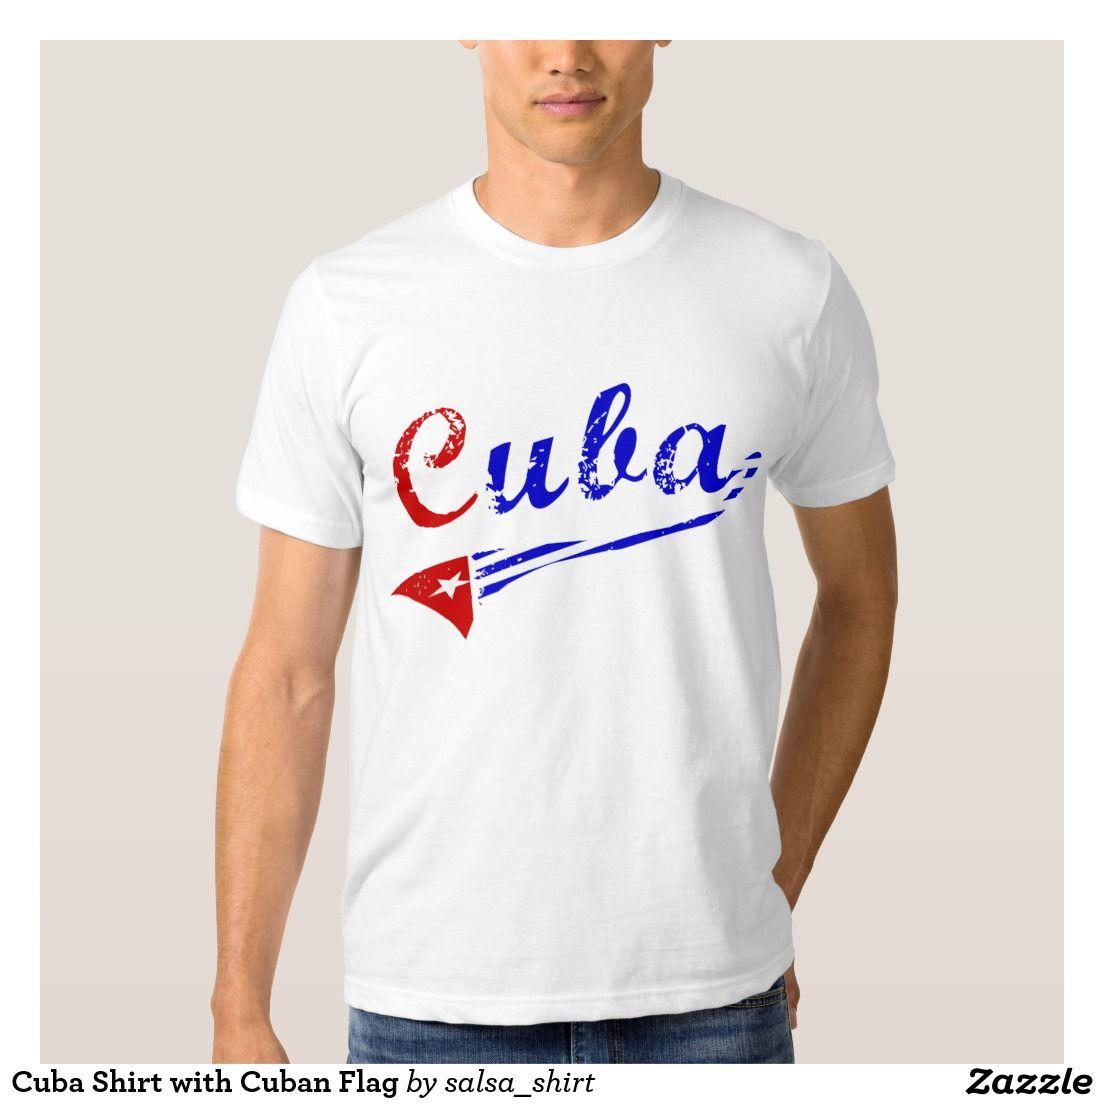 07e82f0599263 Camisa de Cuba con la bandera cubana